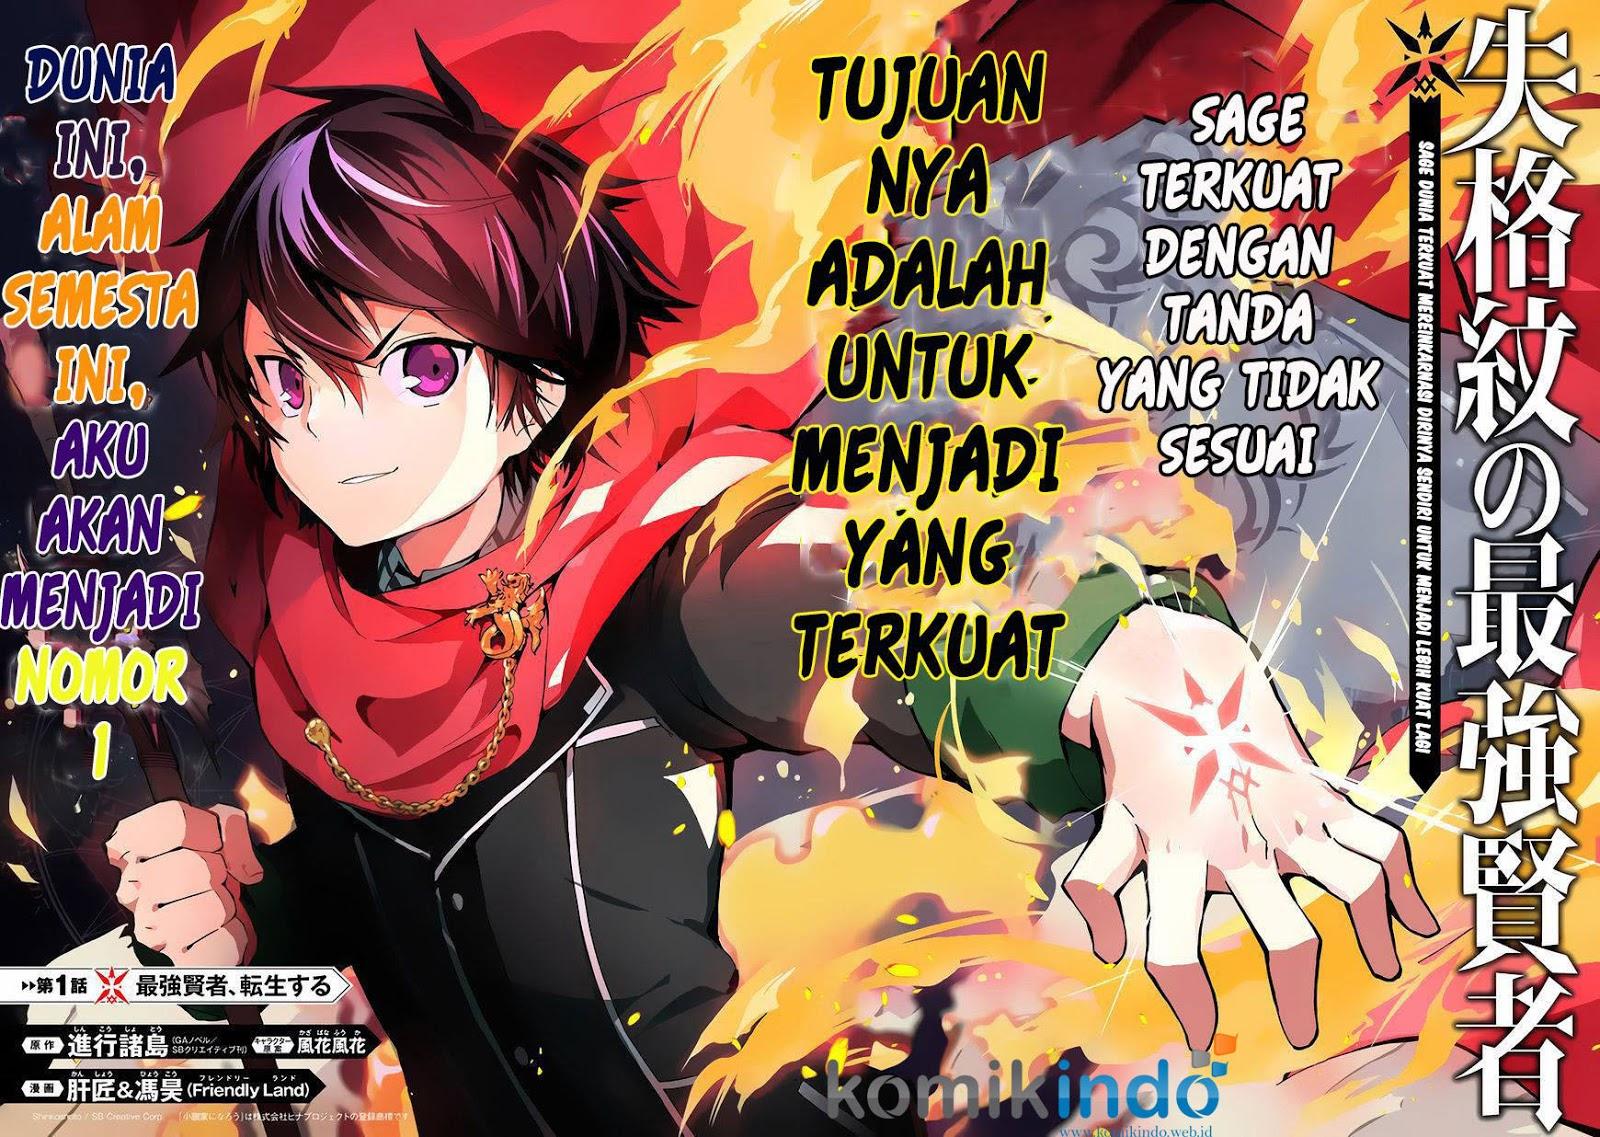 Baca Manga Shikkaku Mon no Saikyou Kenja Bahasa Indonesia